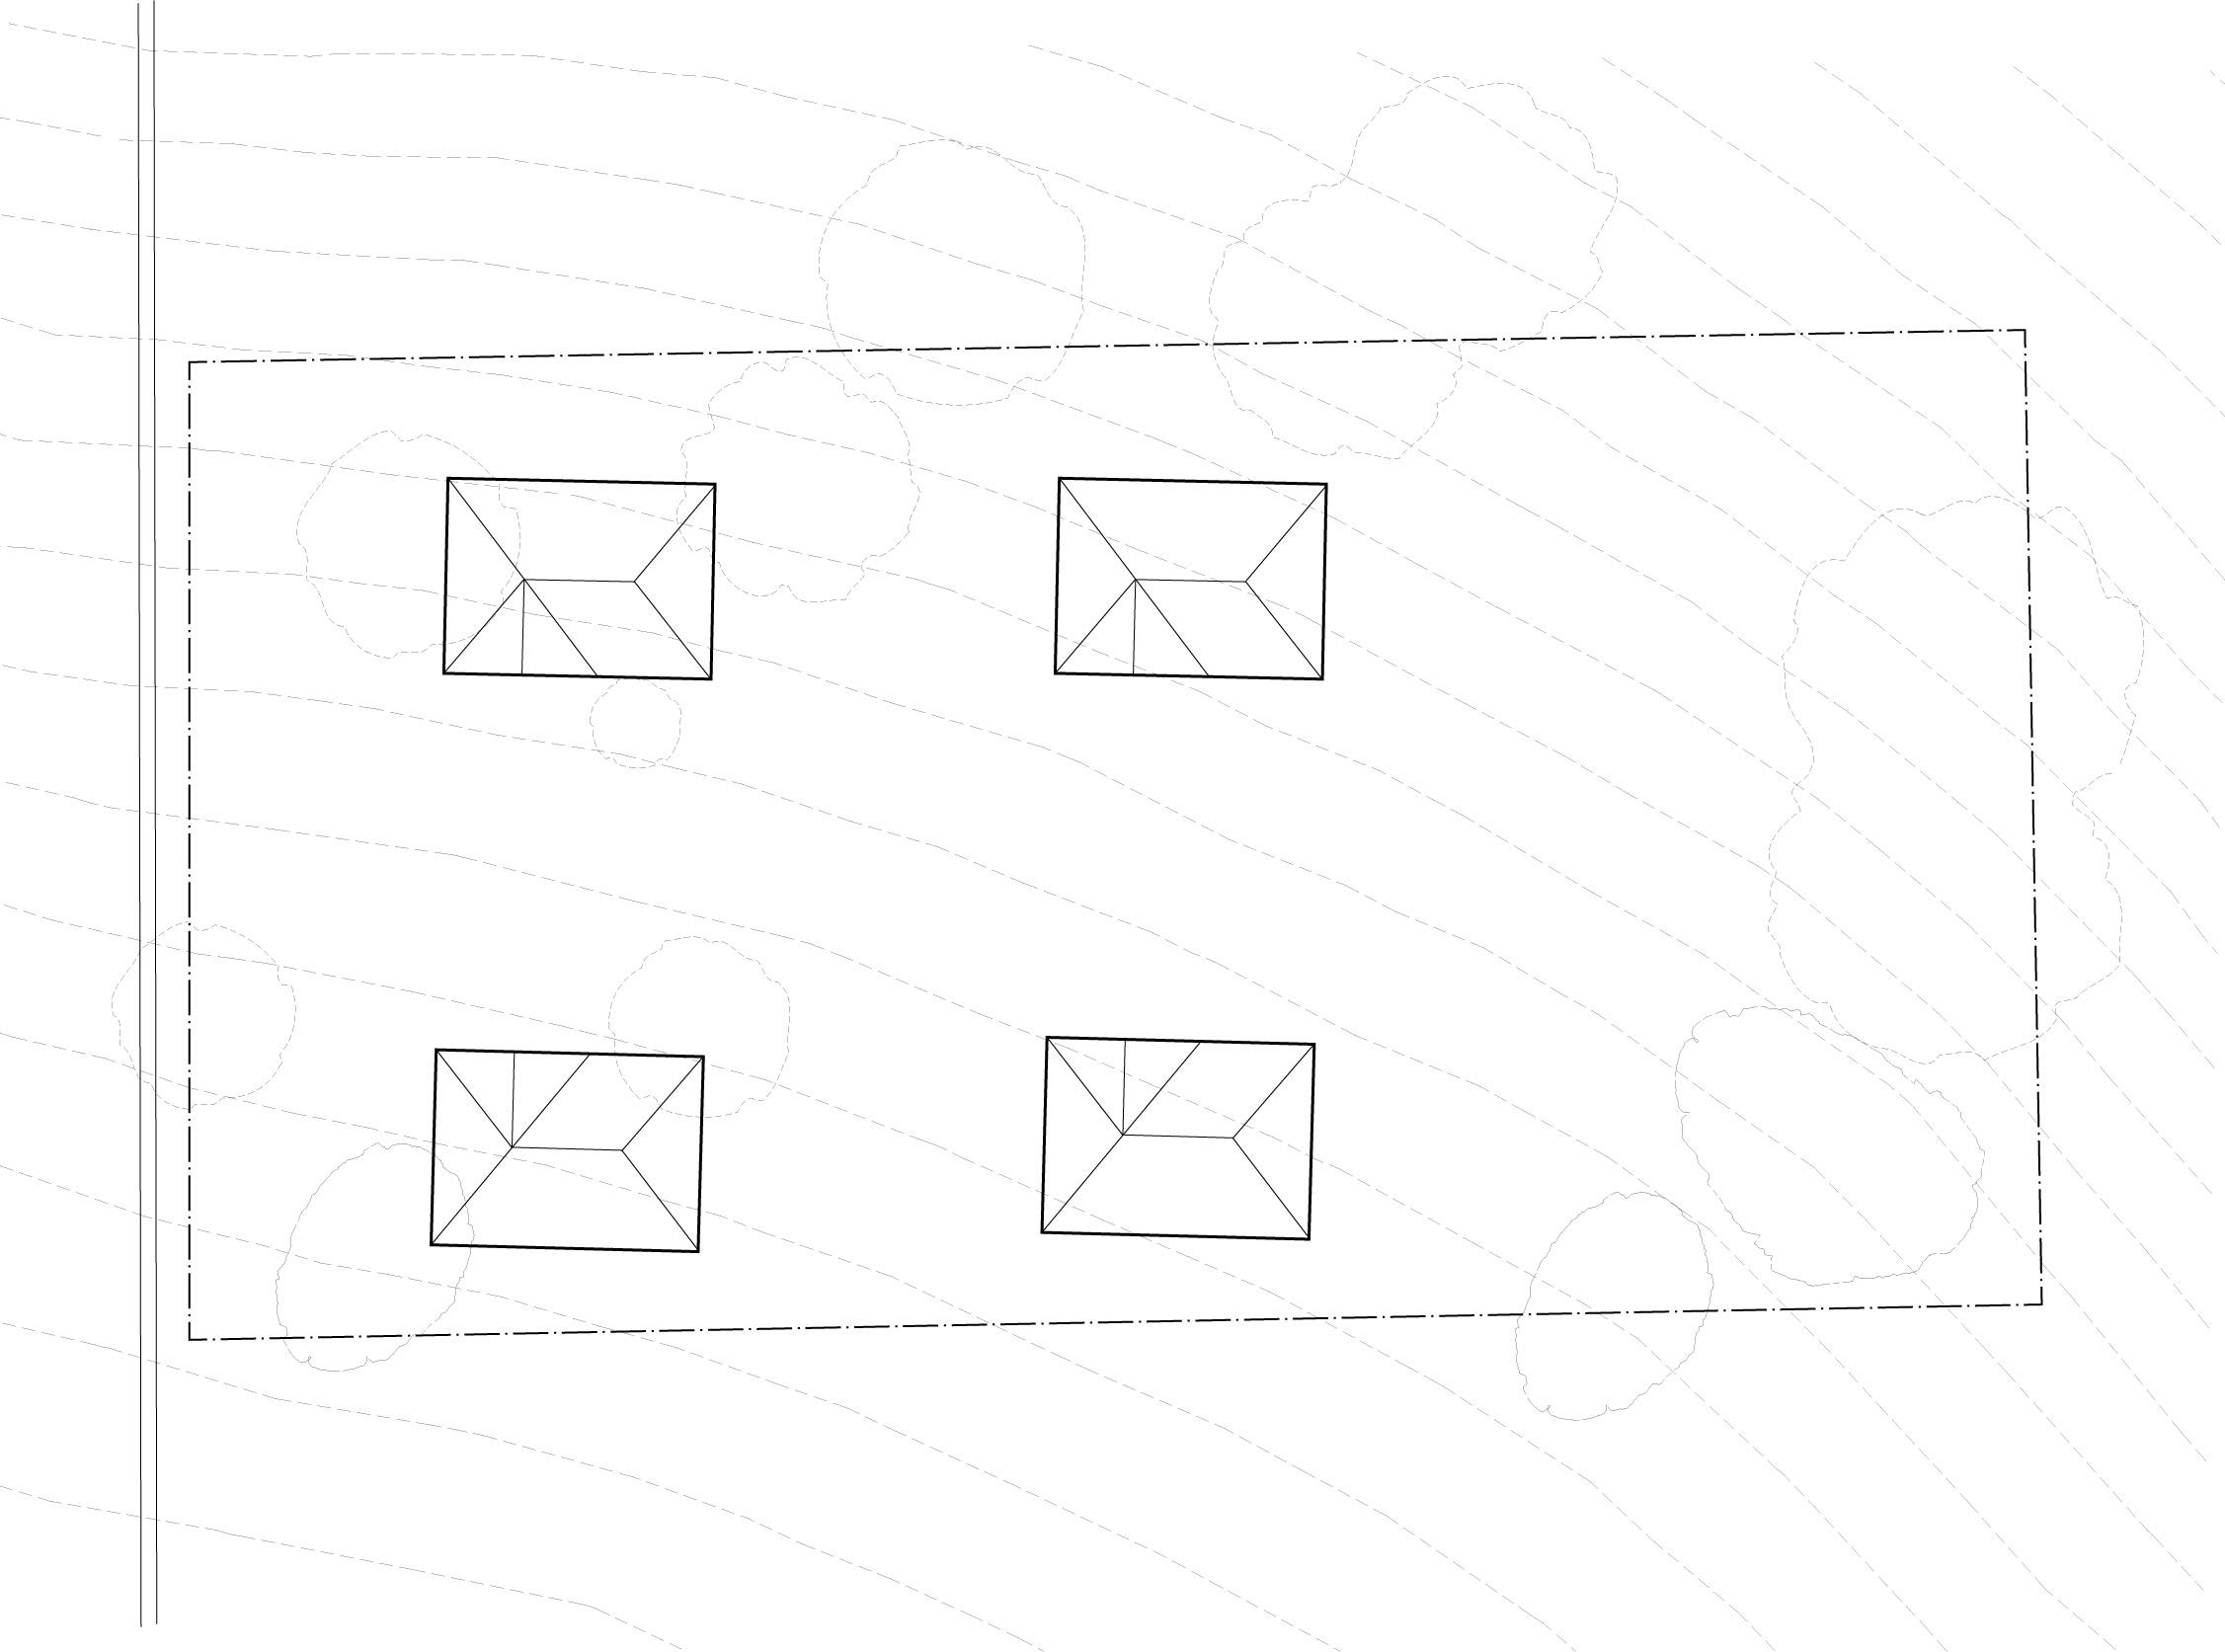 Site plan showing bungalow court arrangement.